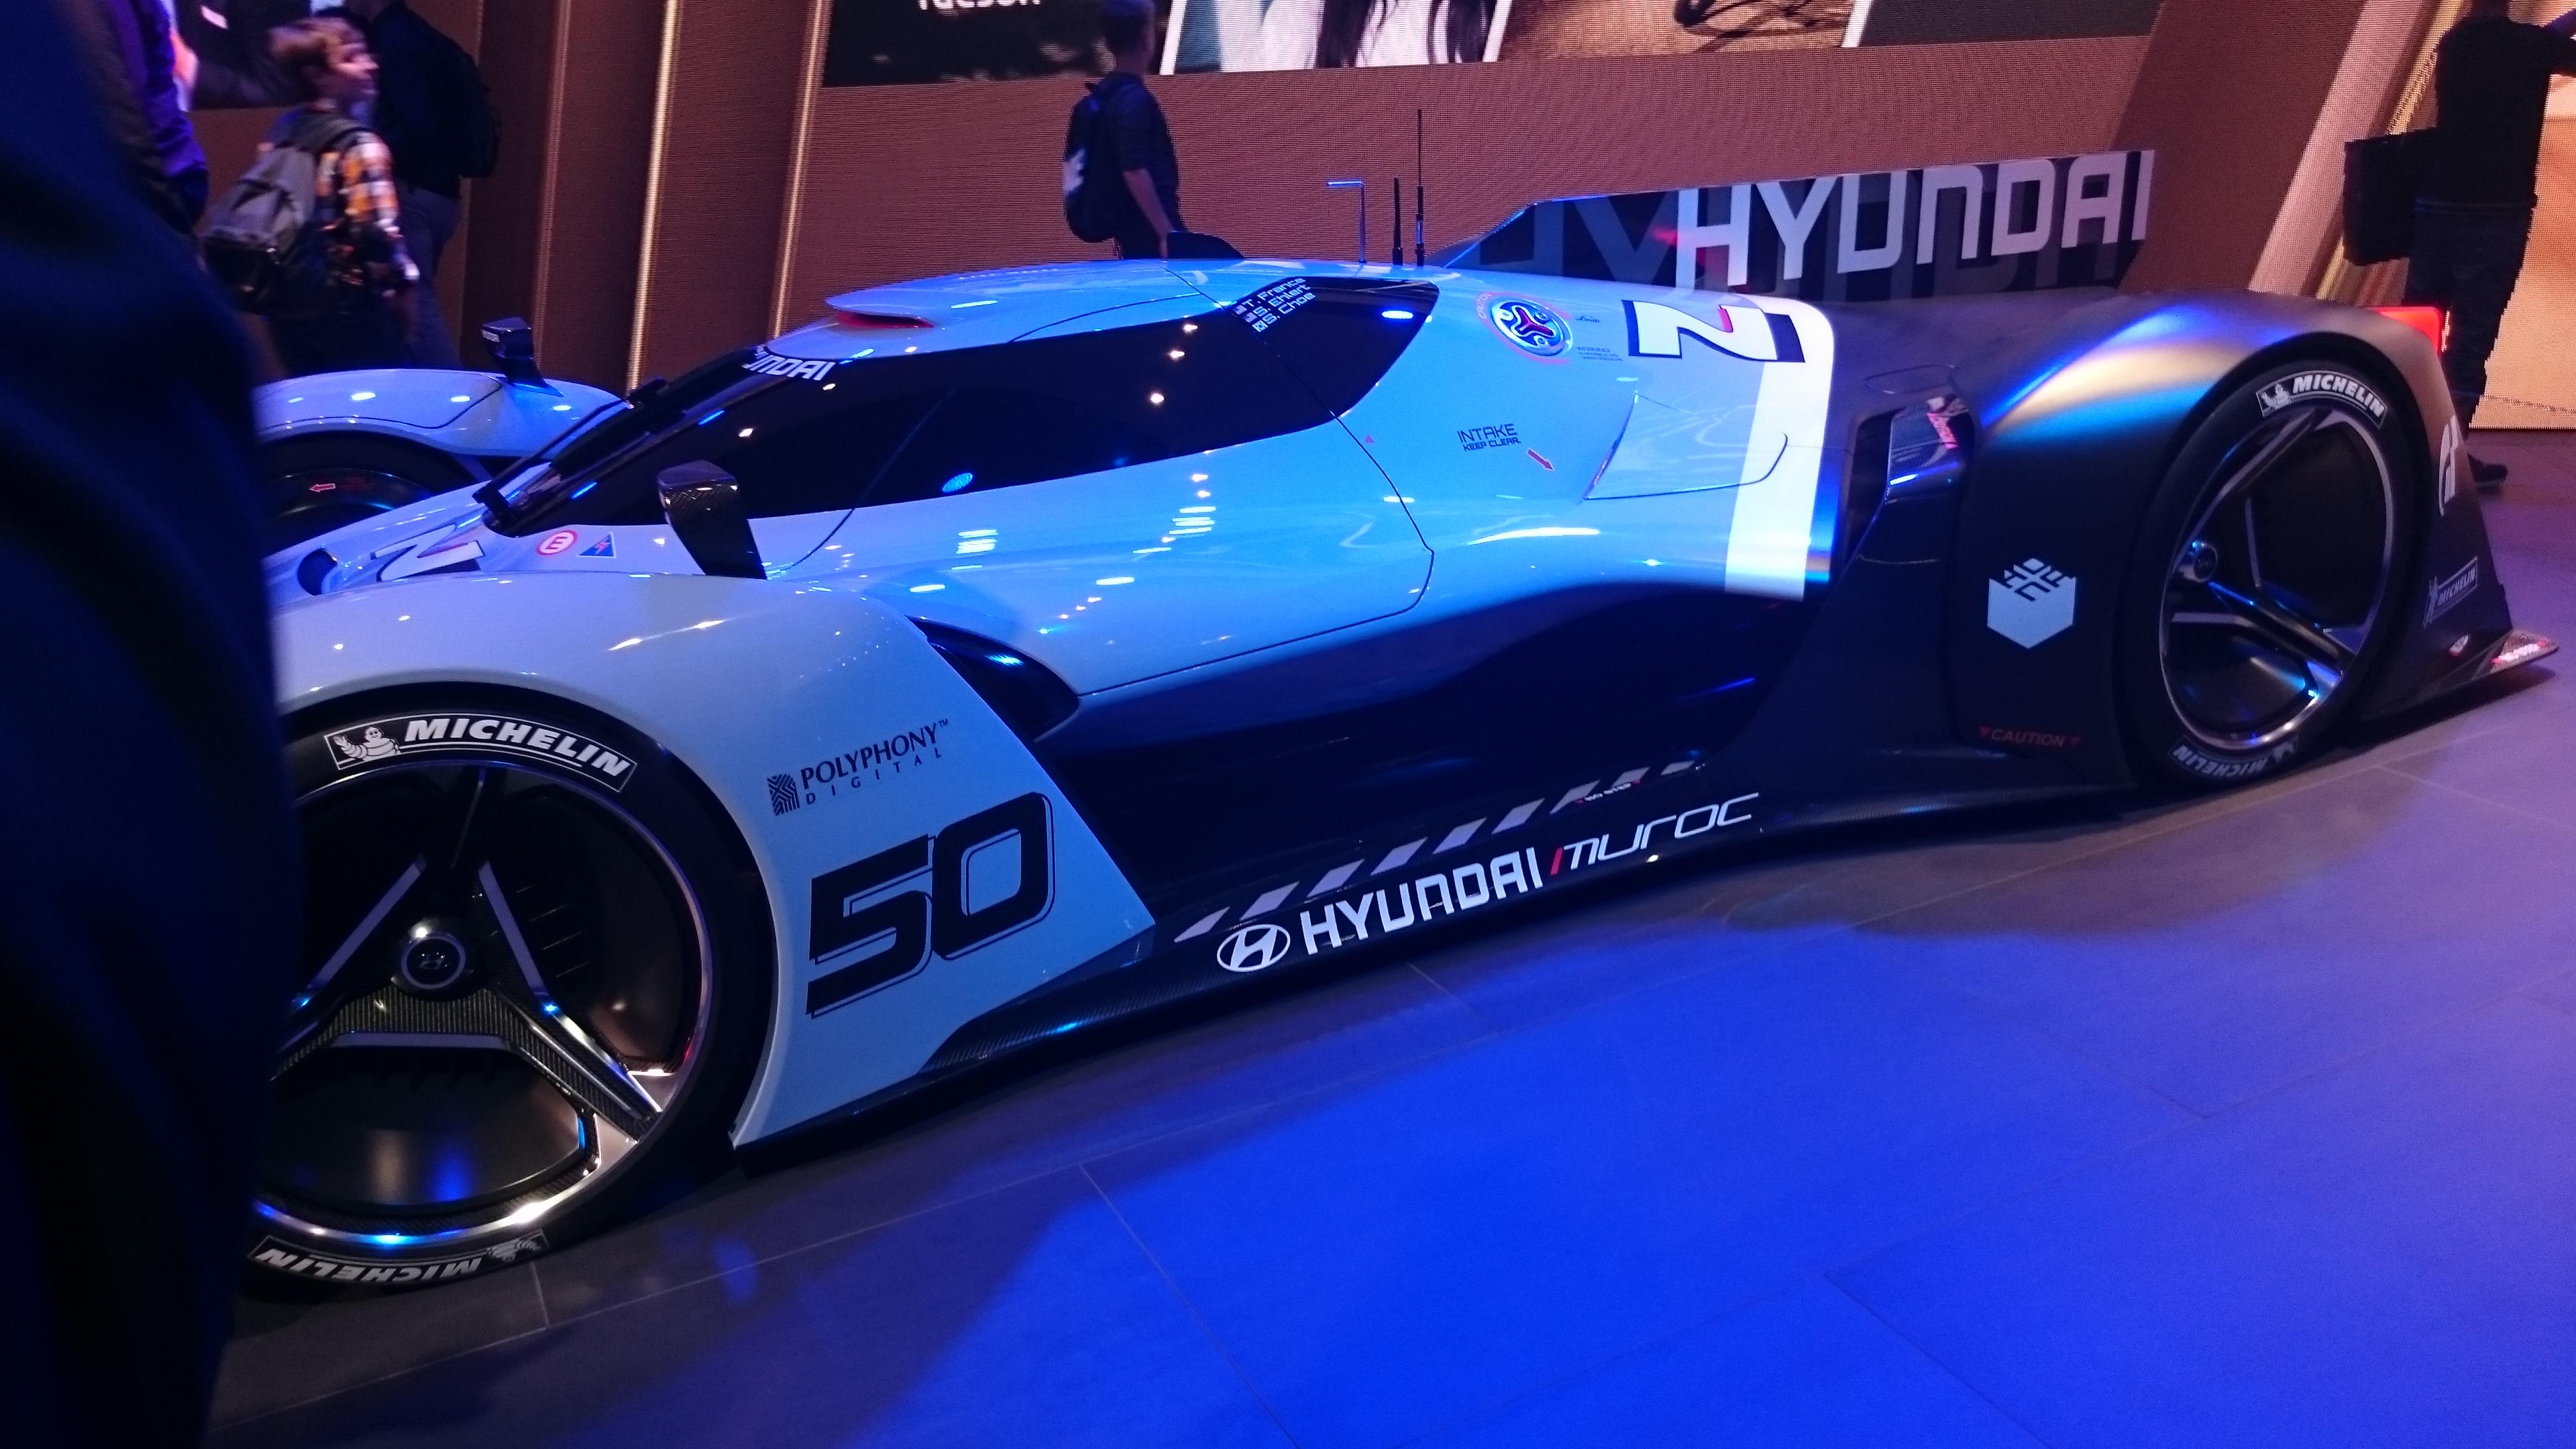 Fotos normales de Hyundai N 2025 Vision GT #VidePan en #IAA2015